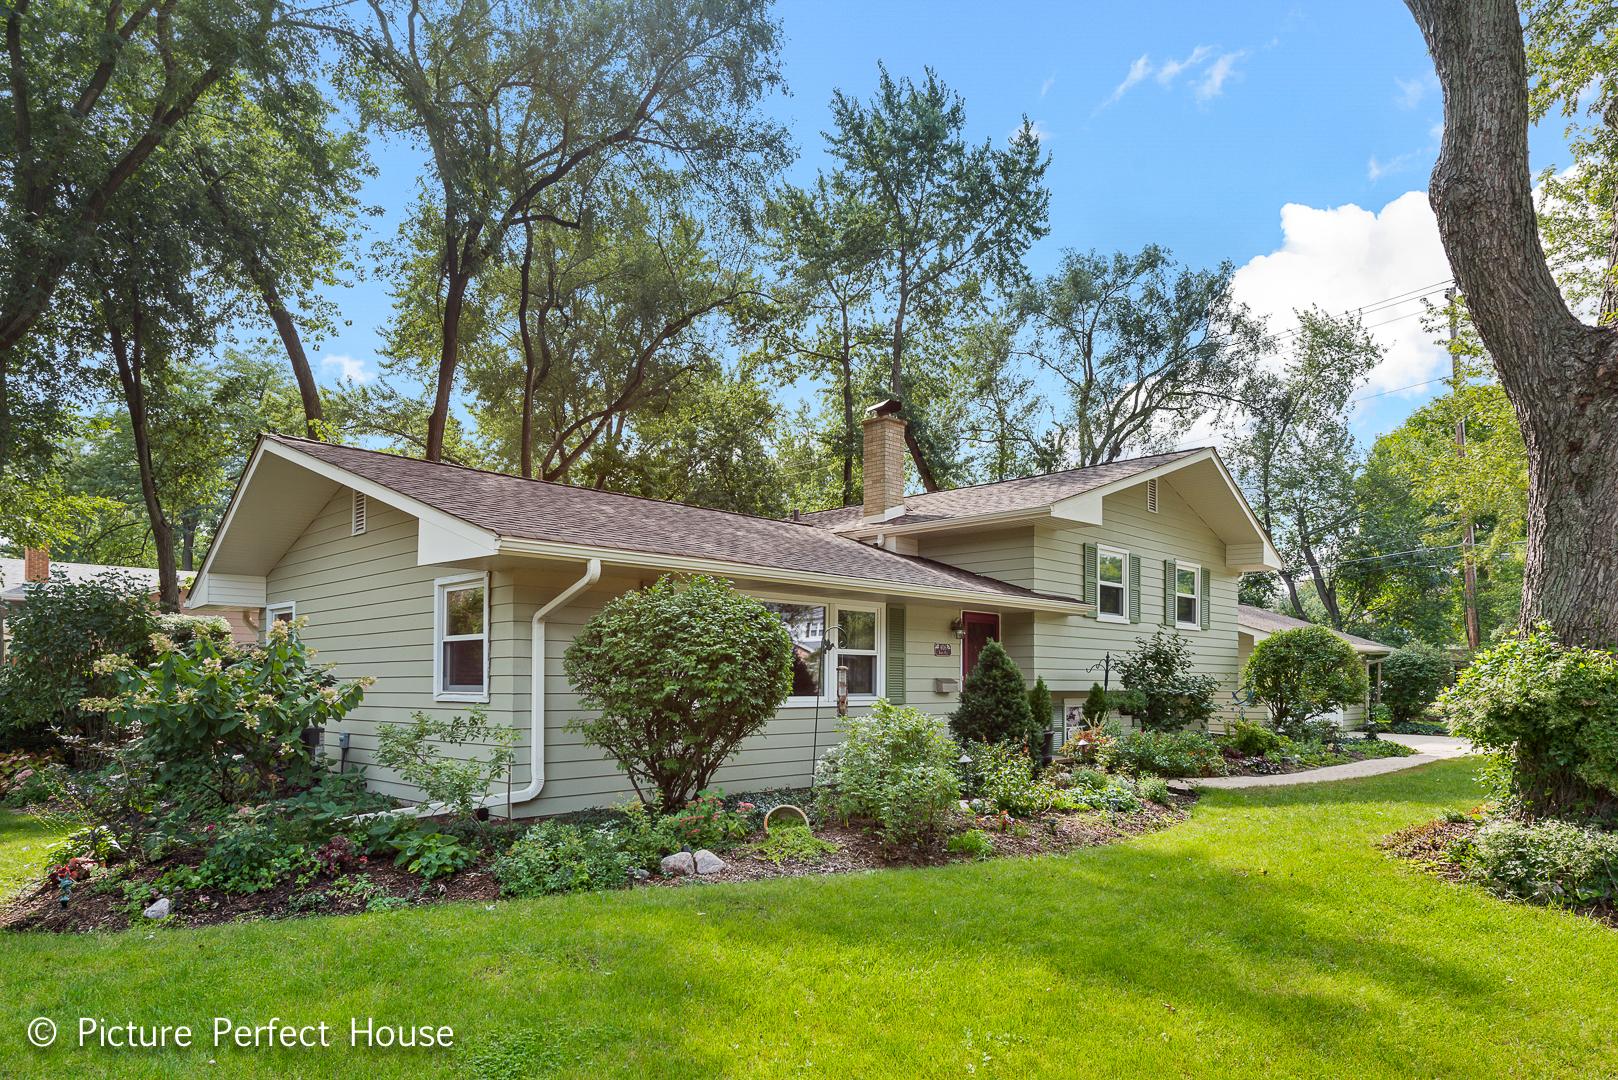 406 Robin Hill ,Naperville, Illinois 60540